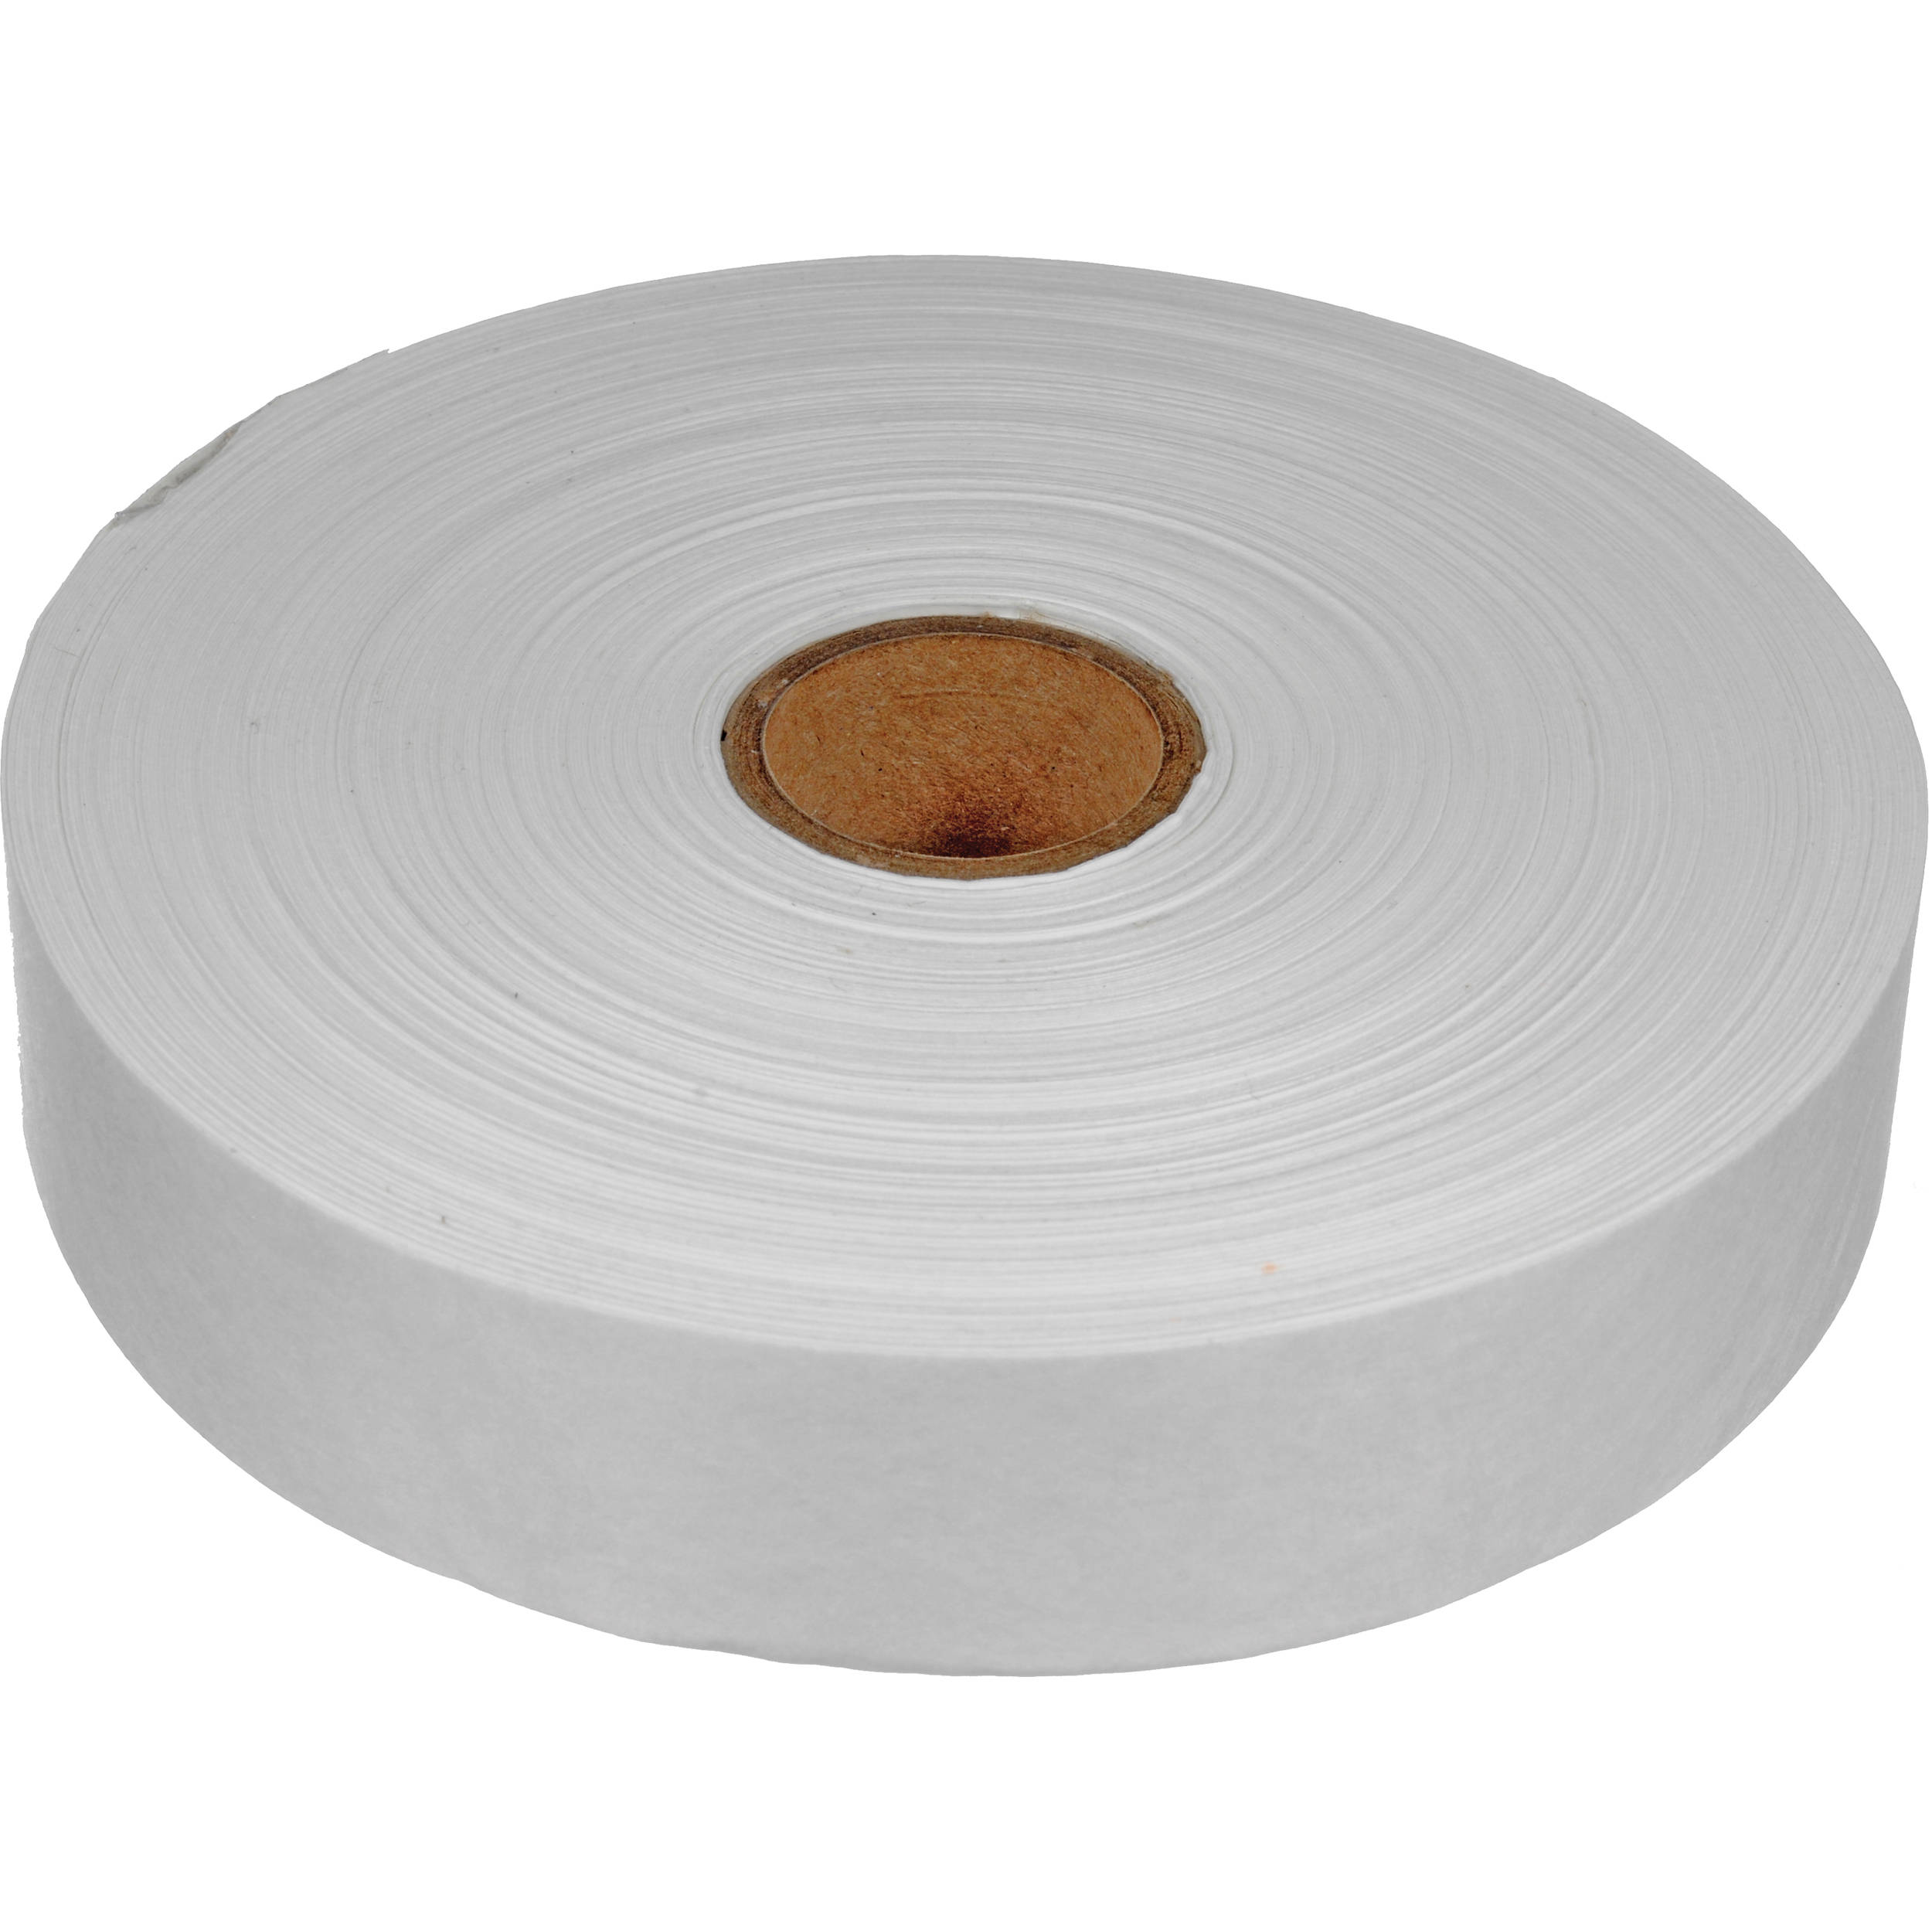 Lineco tyvek tape 1 x 50 yards